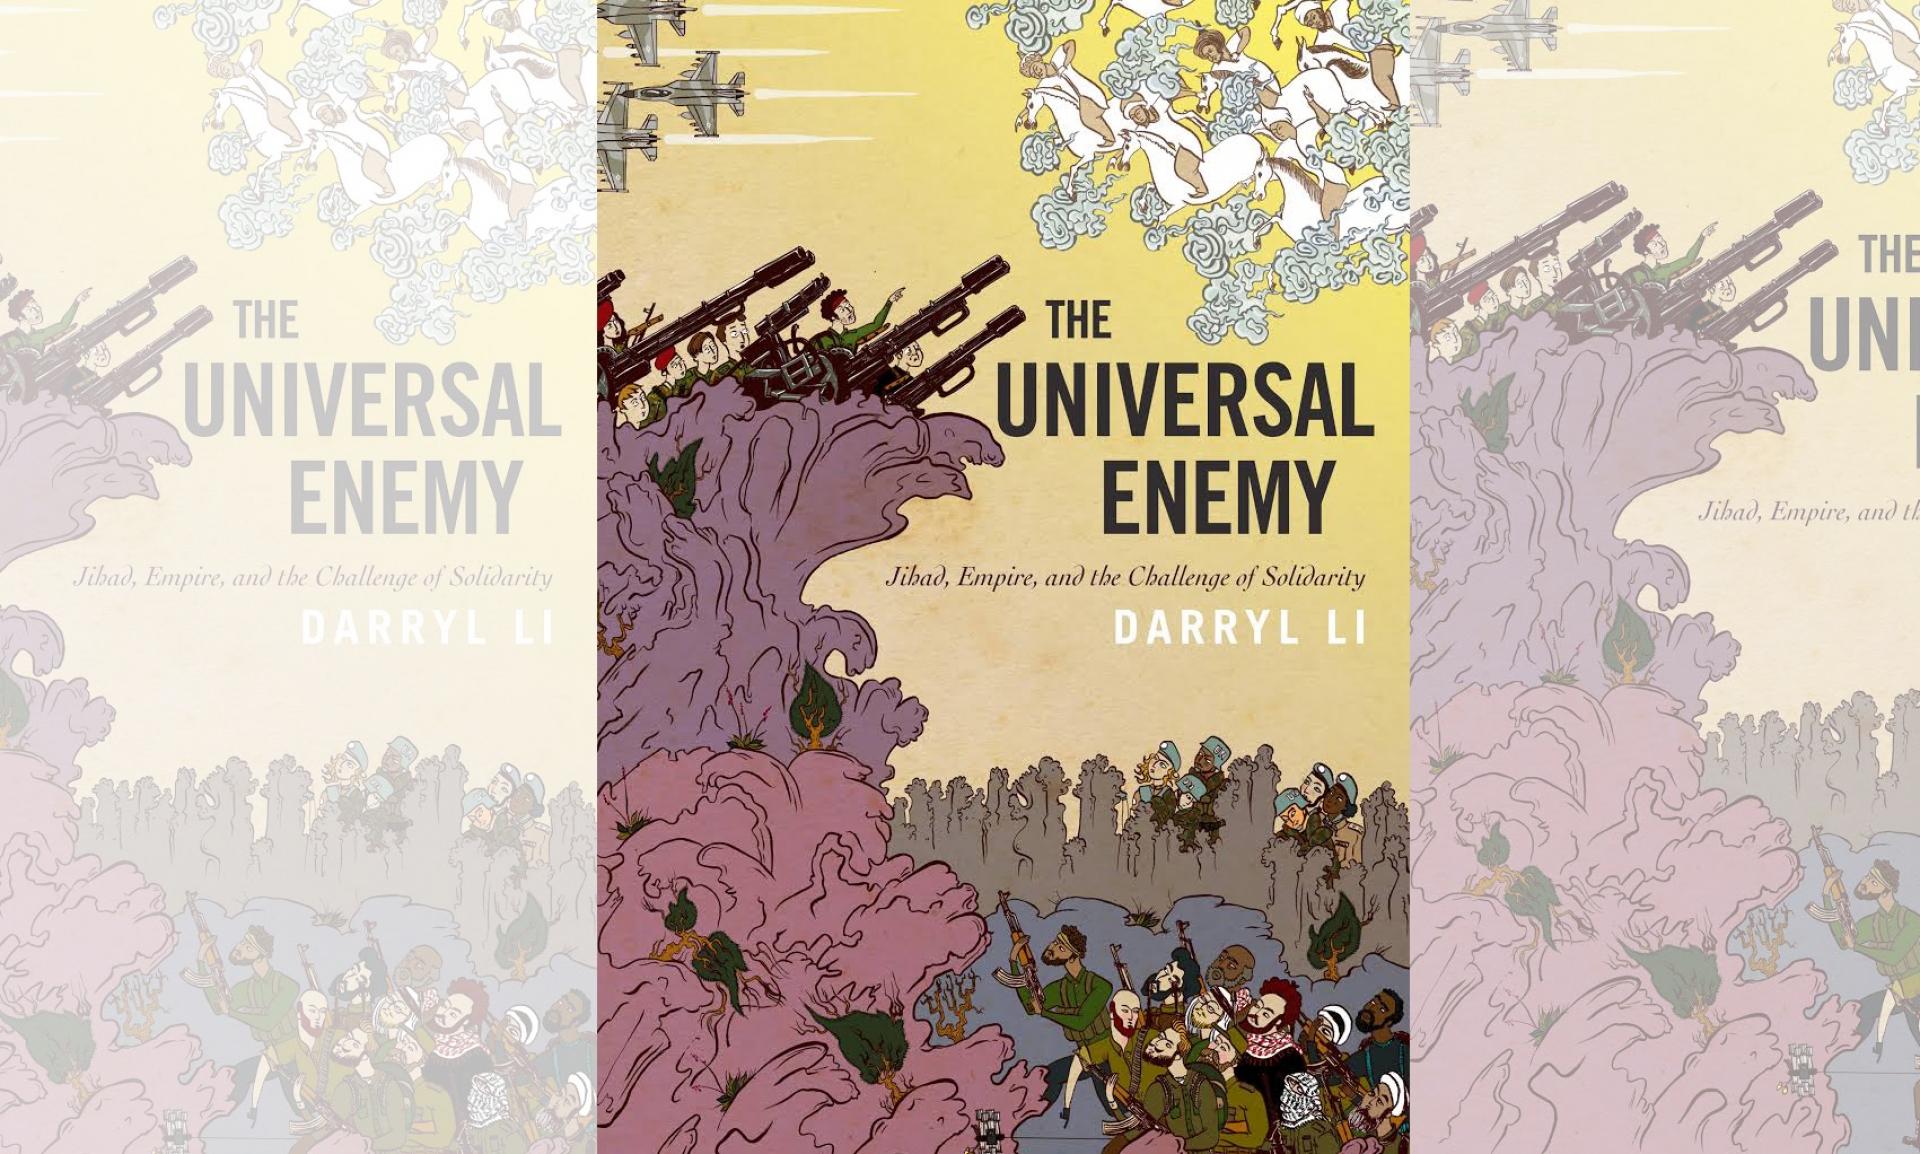 Svi univerzalizmi bosanskoga džihada